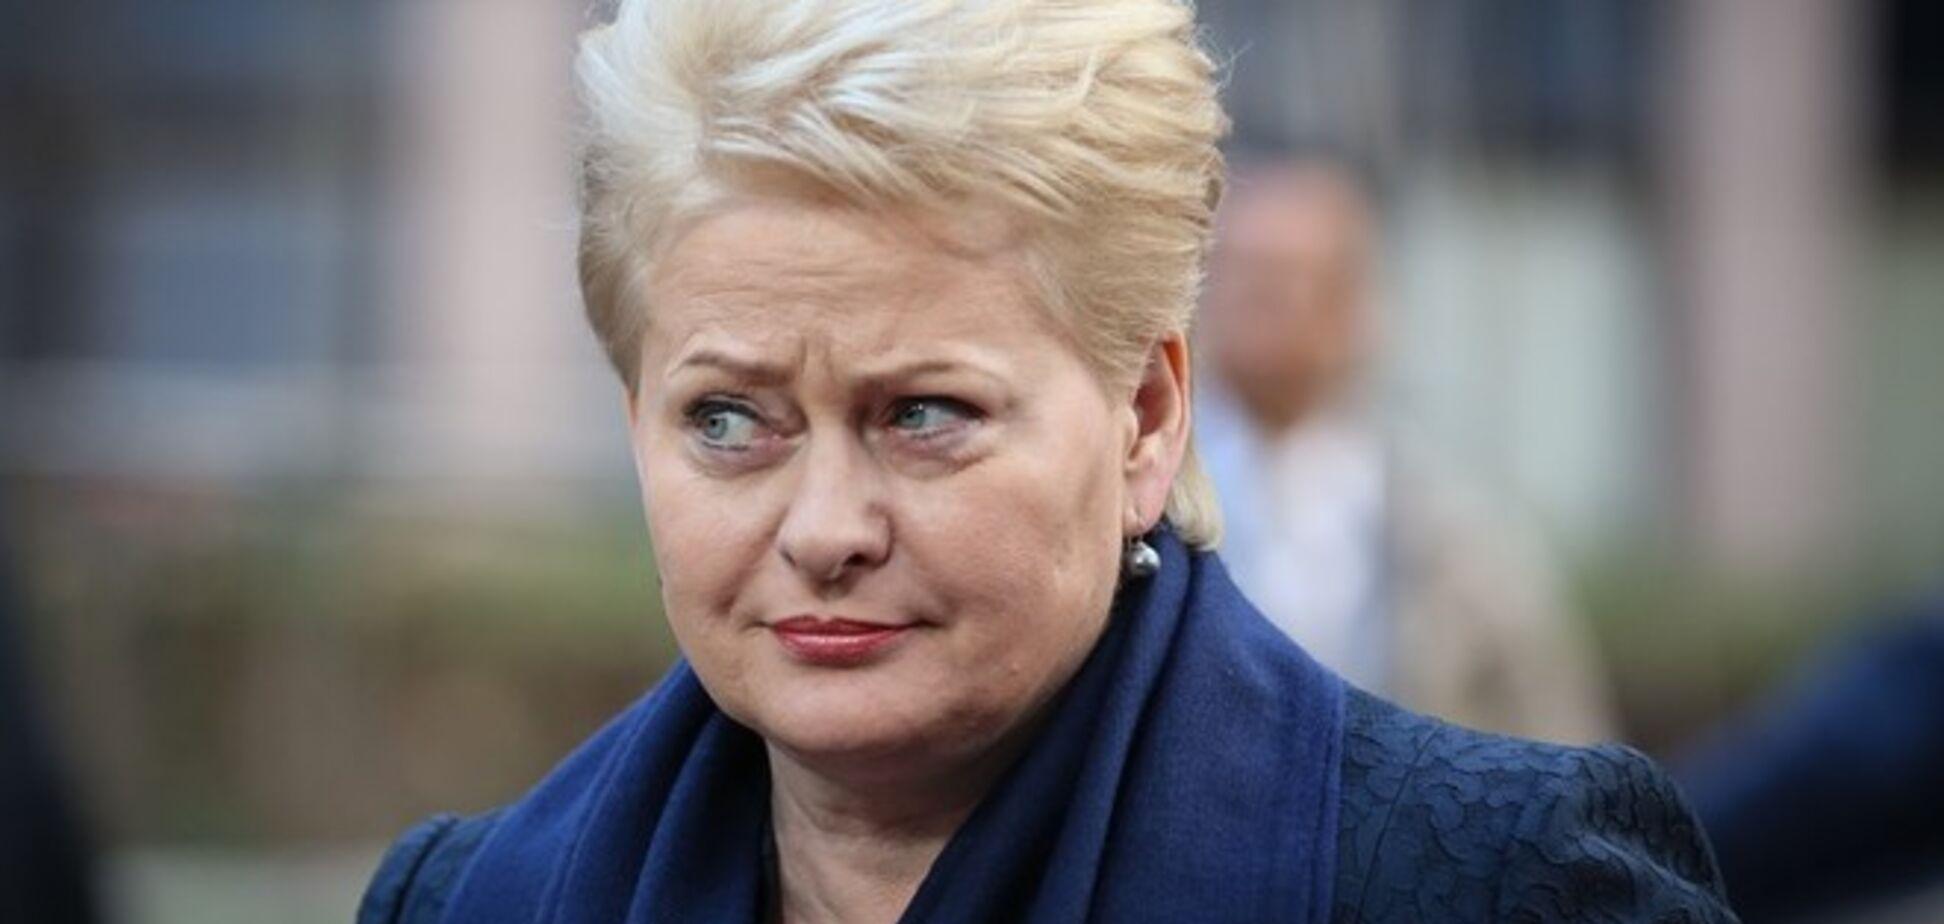 Грибаускайте заявила о секретной помощи Украине: это 'государственная тайна'